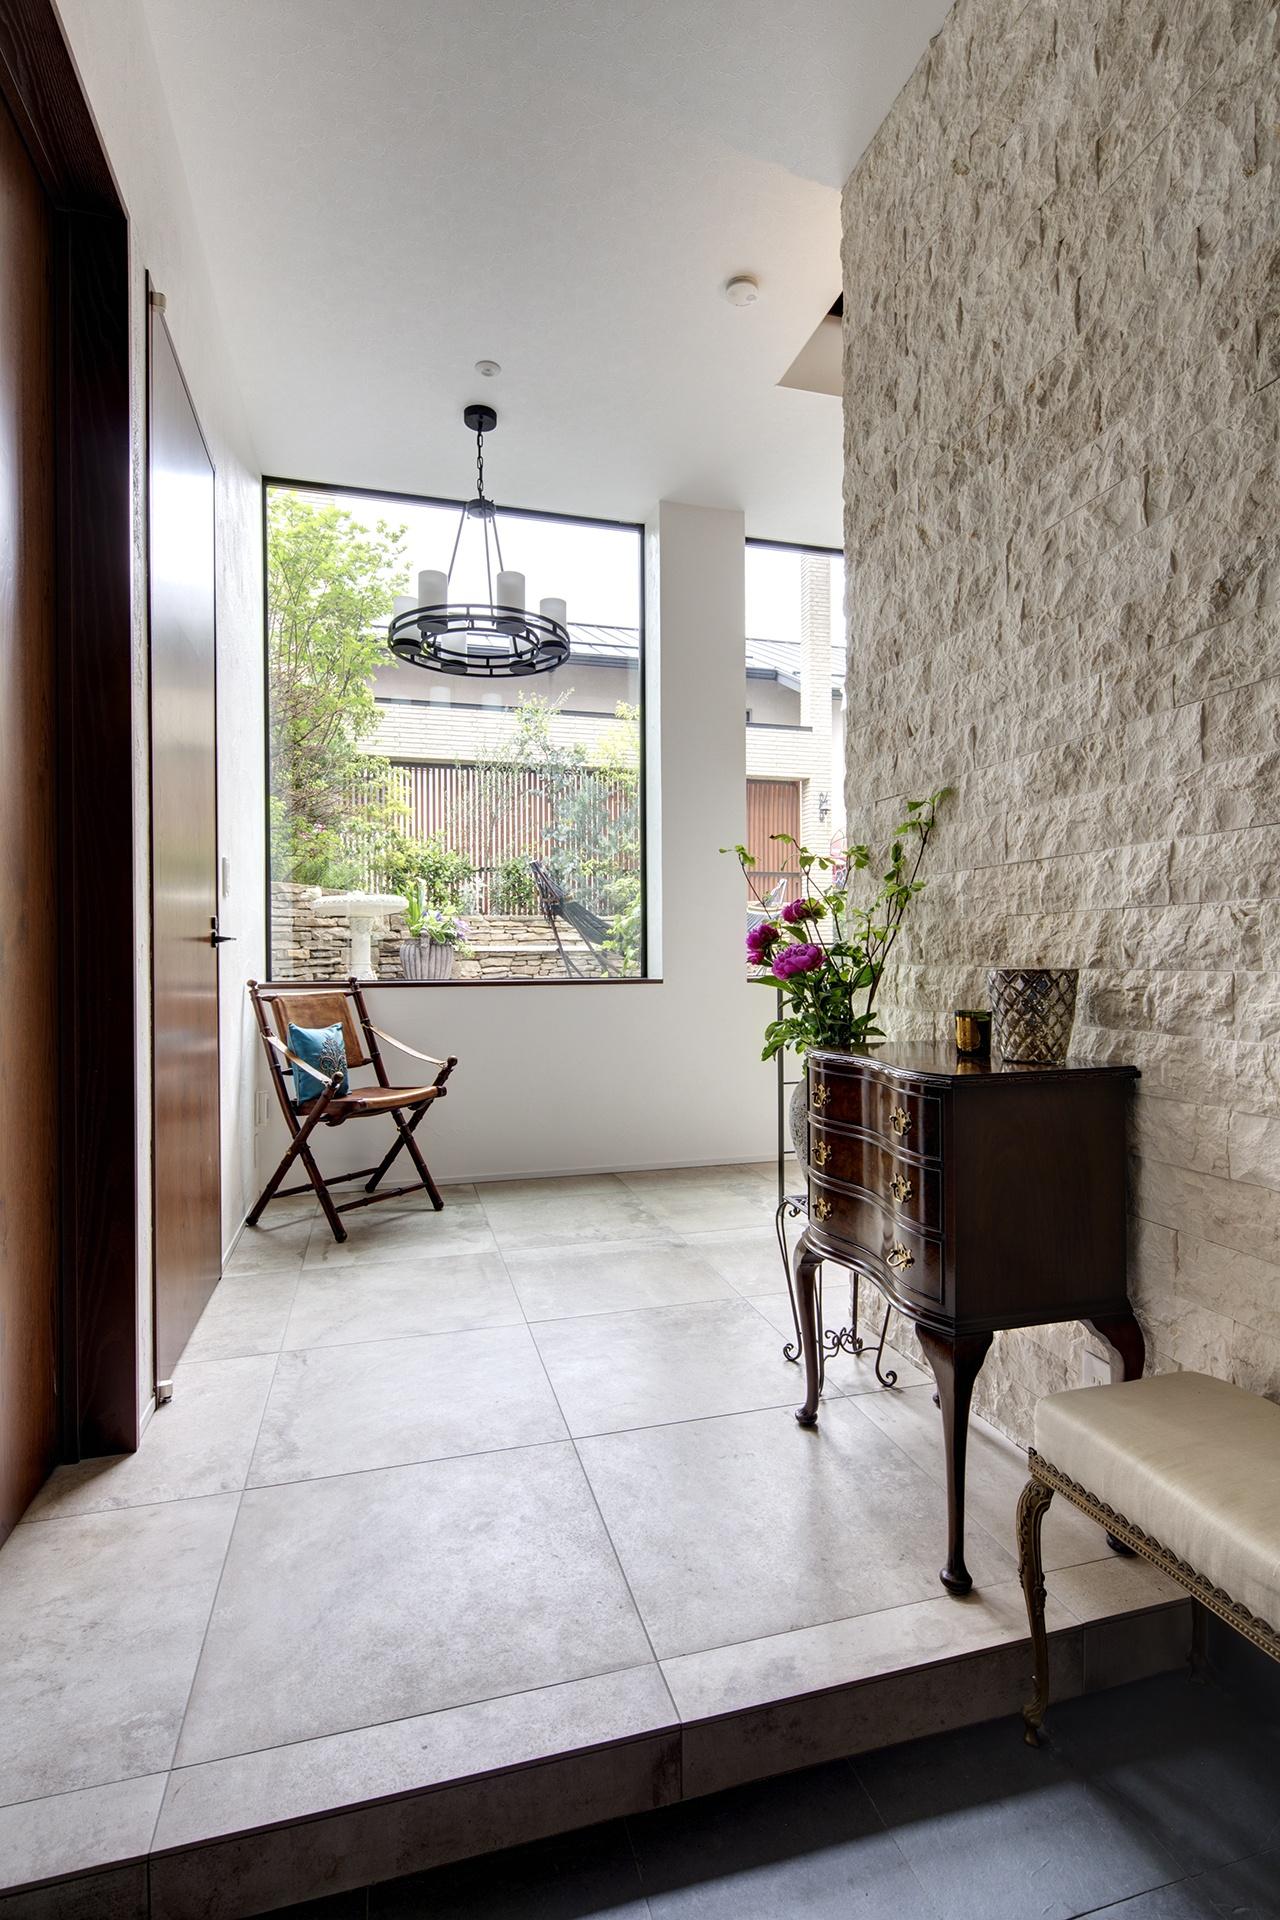 大きめのタイル床と、重厚感のある石張りの壁が上品な印象を与え、まるで外国のお宅に招かれたかのよう